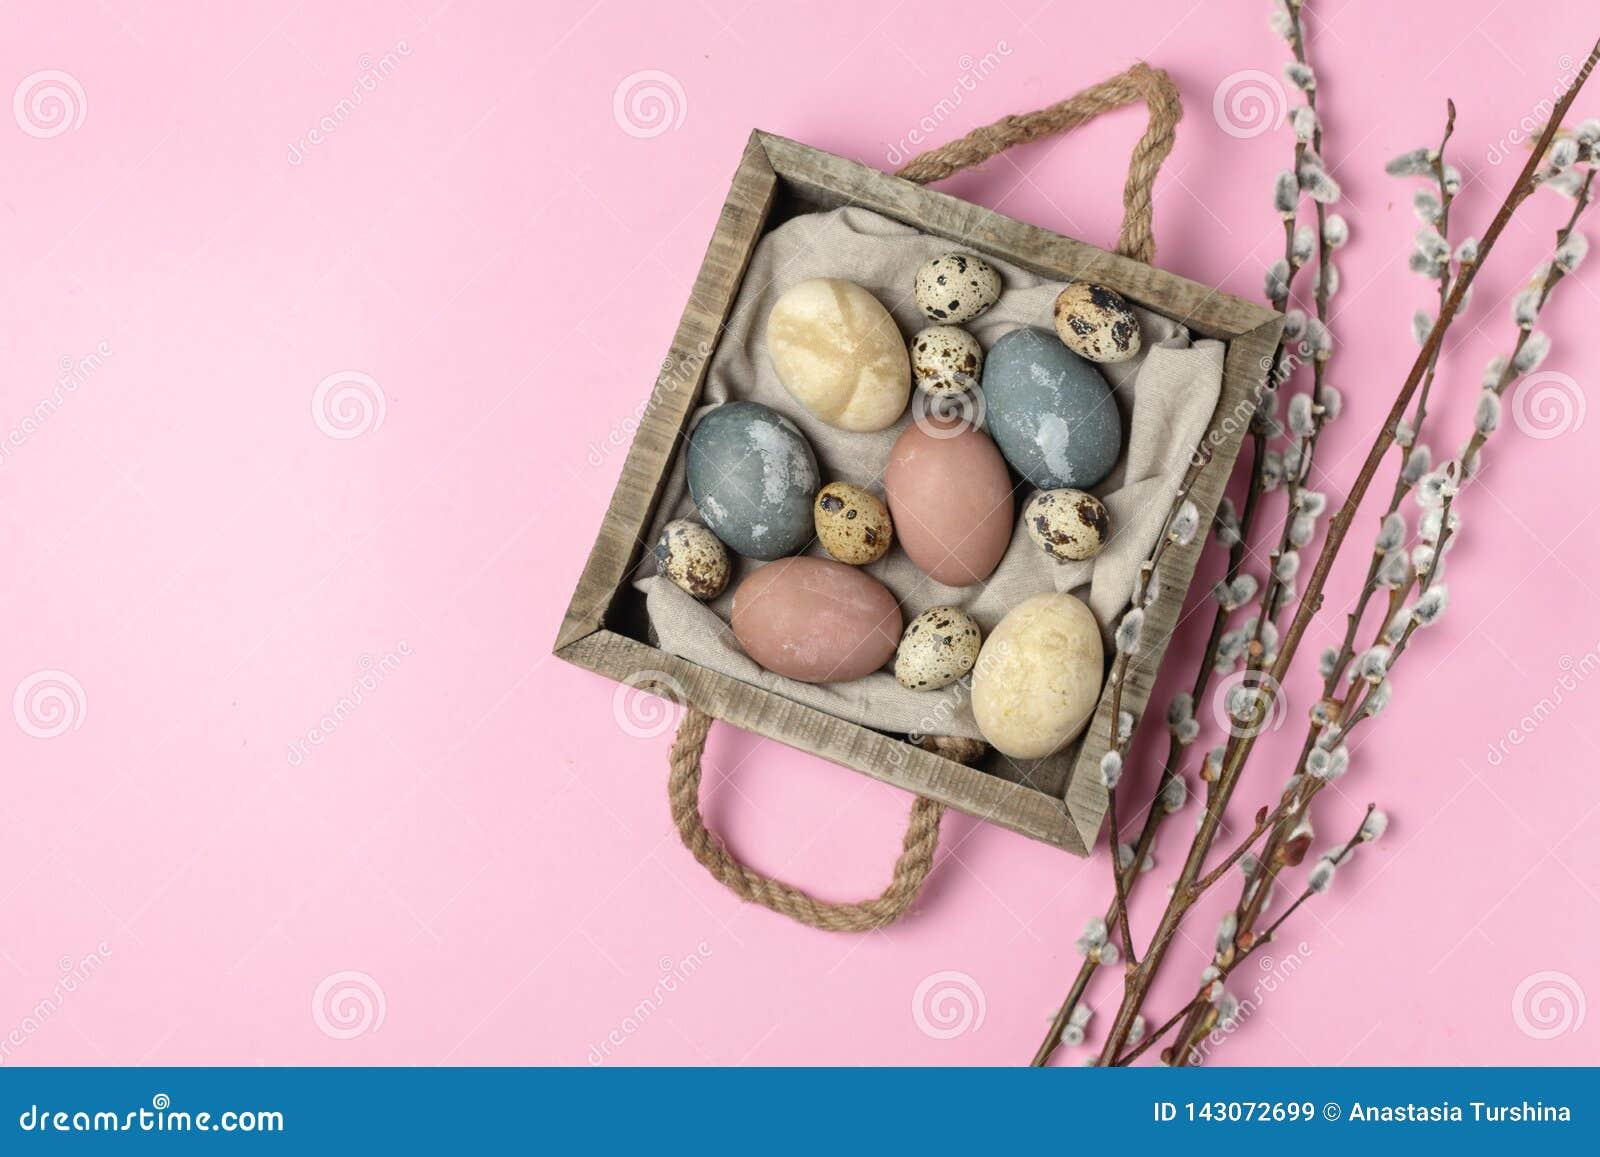 Composição rústica do estilo do fundo mínimo de easter da mola - ovos da páscoa naturalmente tingidos orgânicos